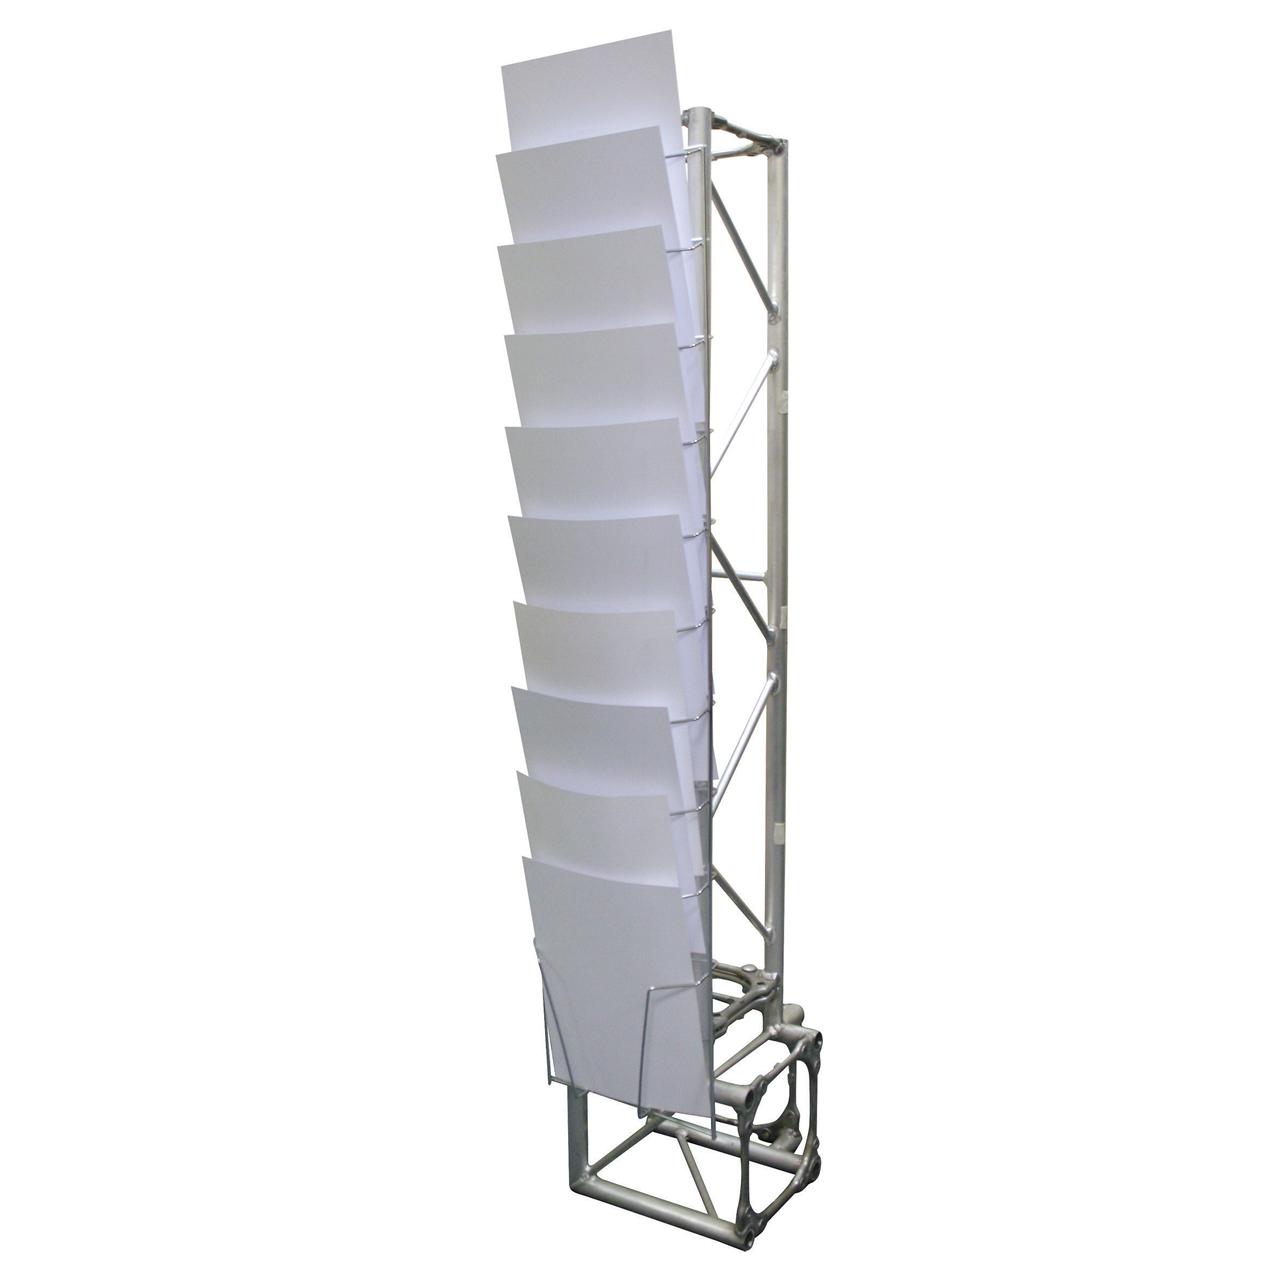 Exhibition Stand Framework : Arena gantry literature holder gh display